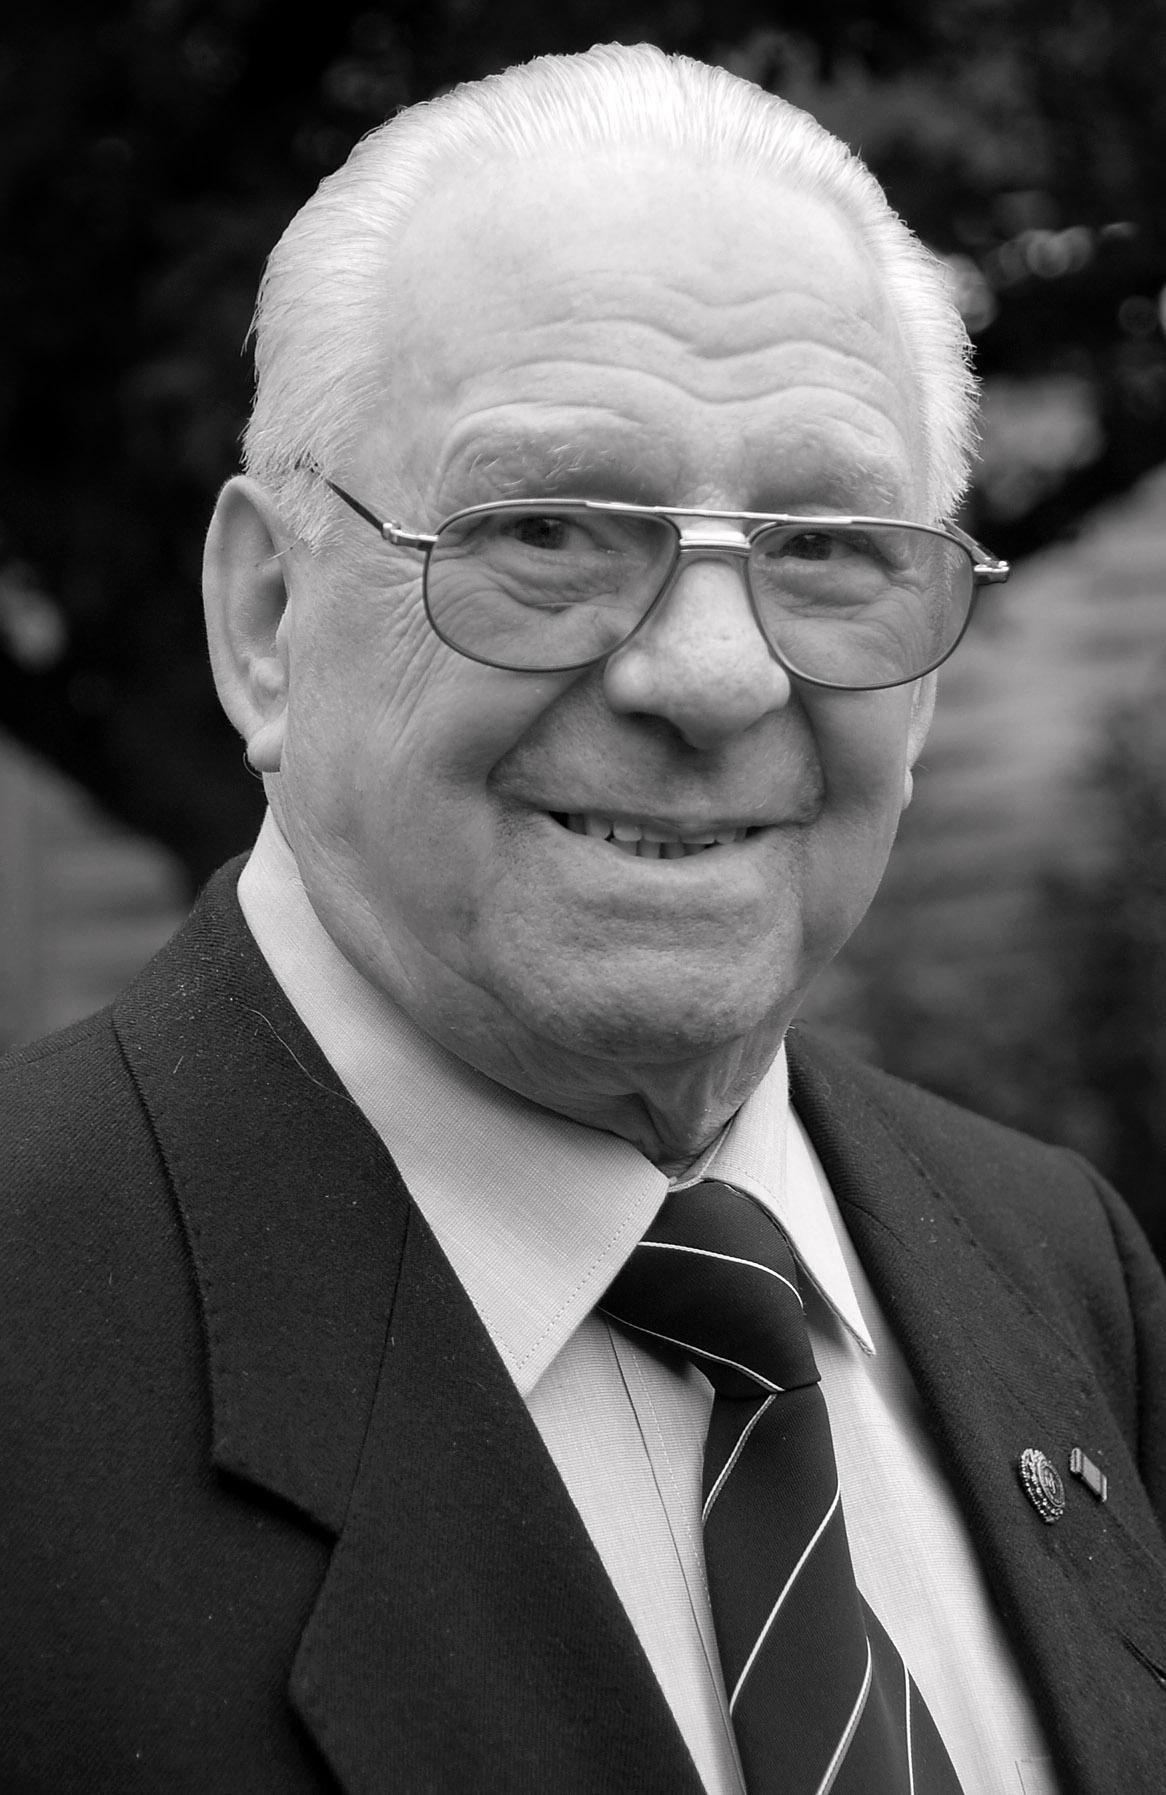 Der Ehrenvorsitzende des NFV-Kreises Hildesheim Heinz Richter ist verstorben.